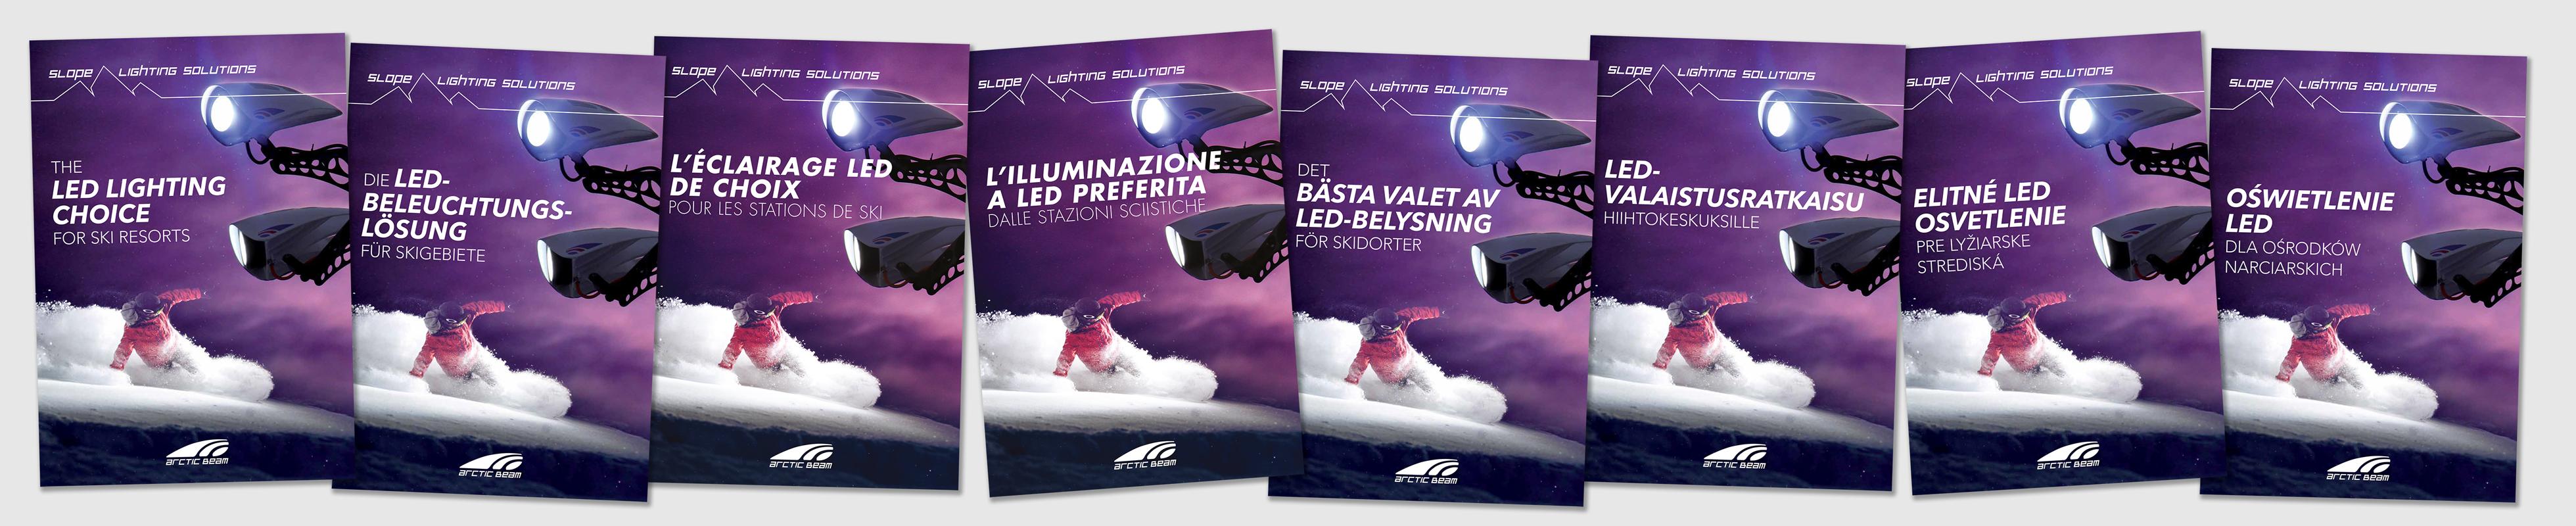 SLS_brochures_8x